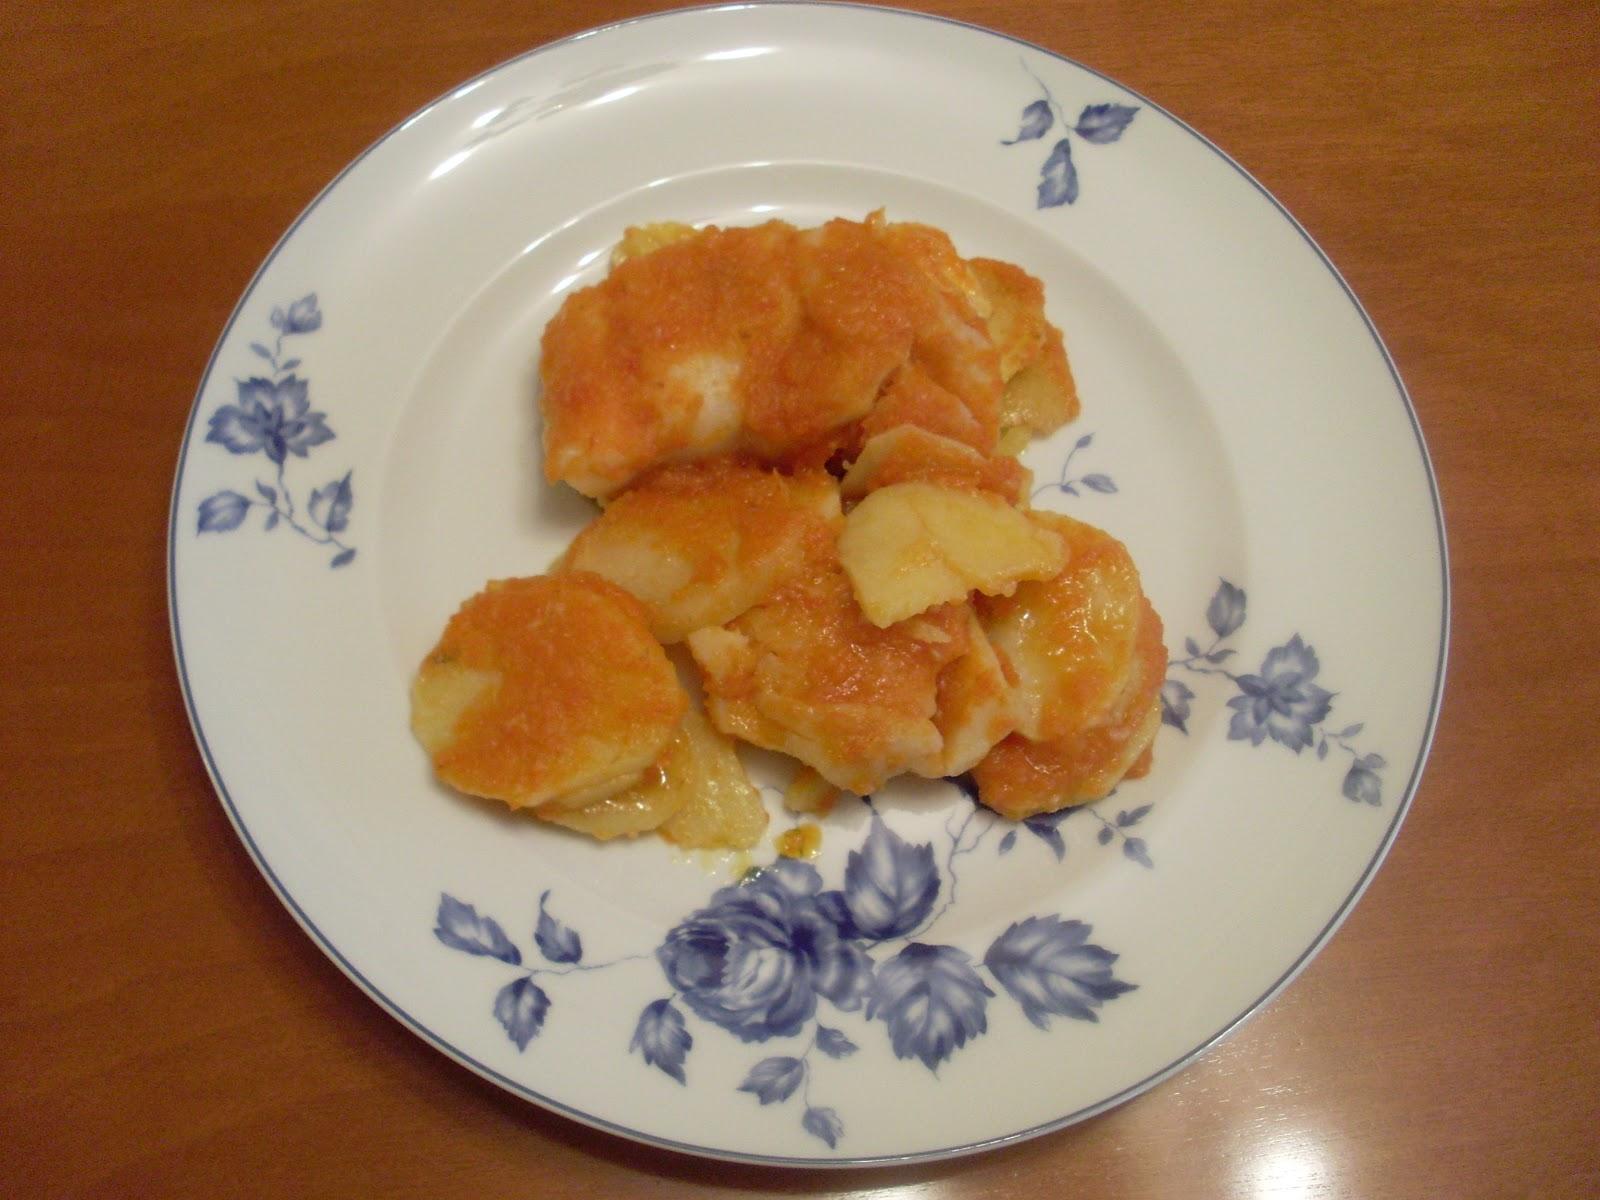 La cocina de pilar manzano bacalao confitado con salsa de - Bacalao fresco con tomate ...